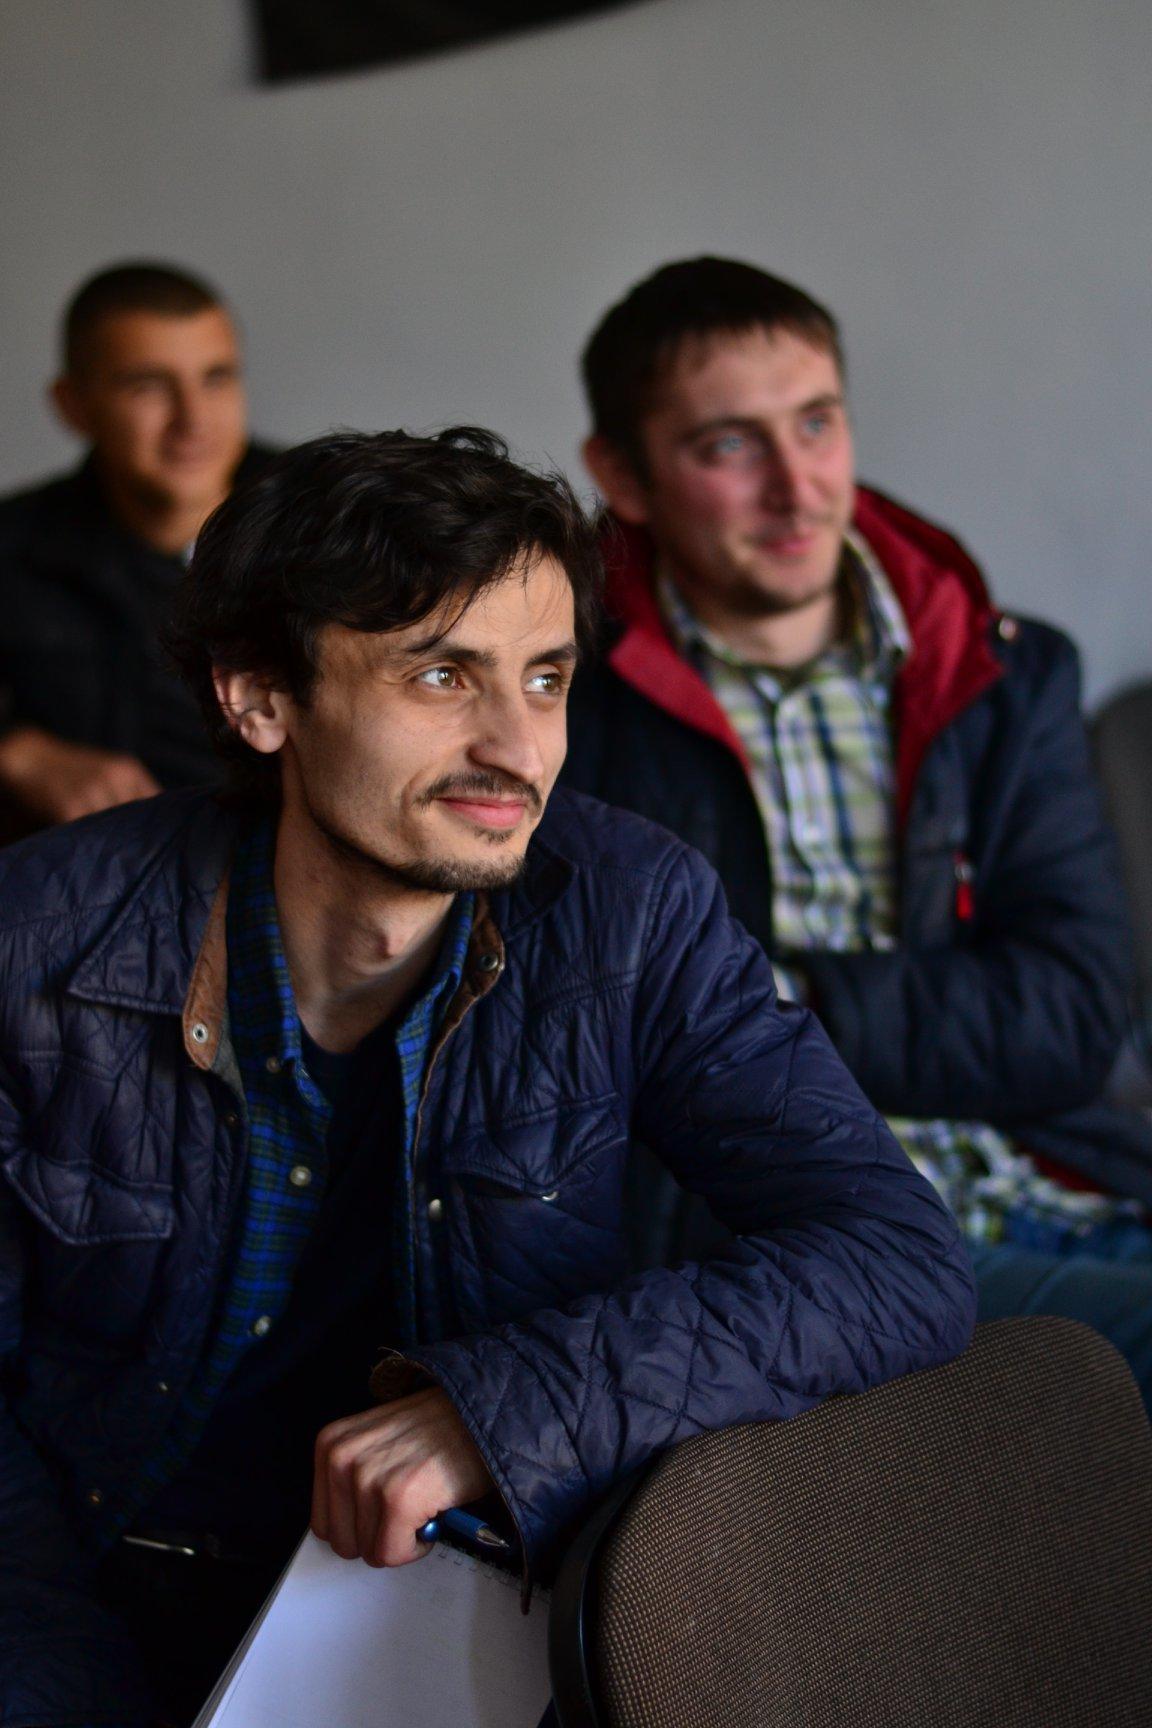 Як навчають соціальному підприємництву ветеранів АТО у Кам'янці-Подільському, фото-14